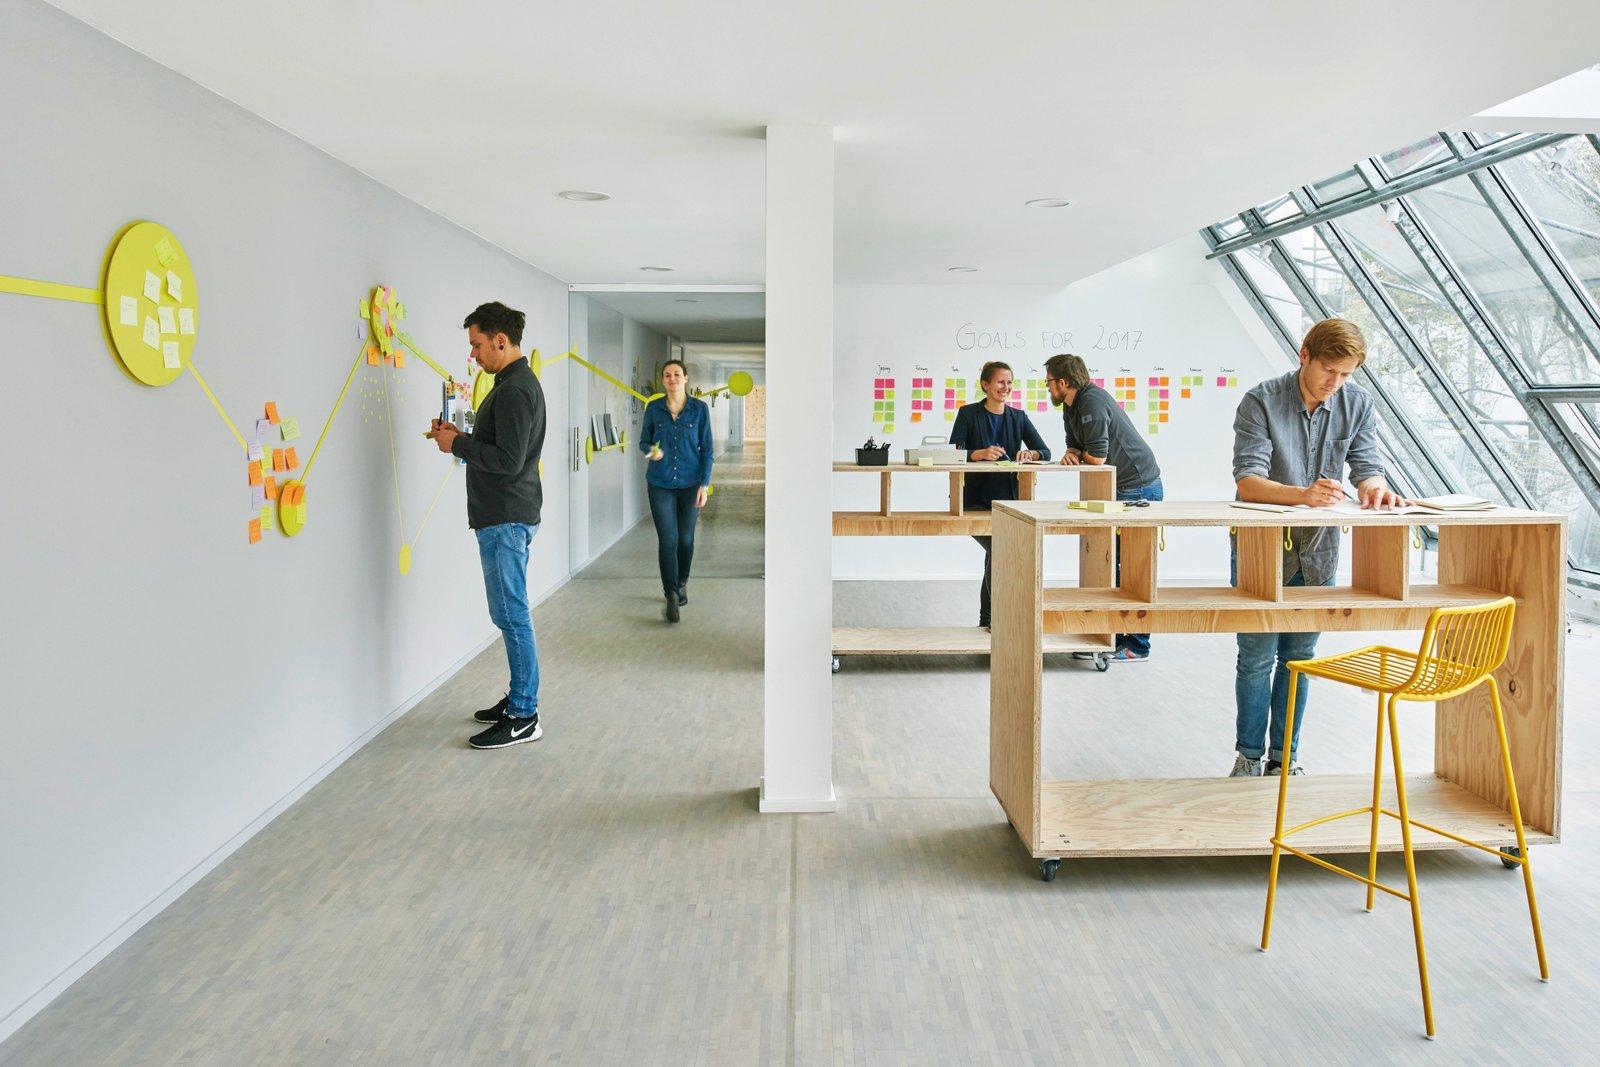 Open space moderne entreprise plateau bureau arch sign arch